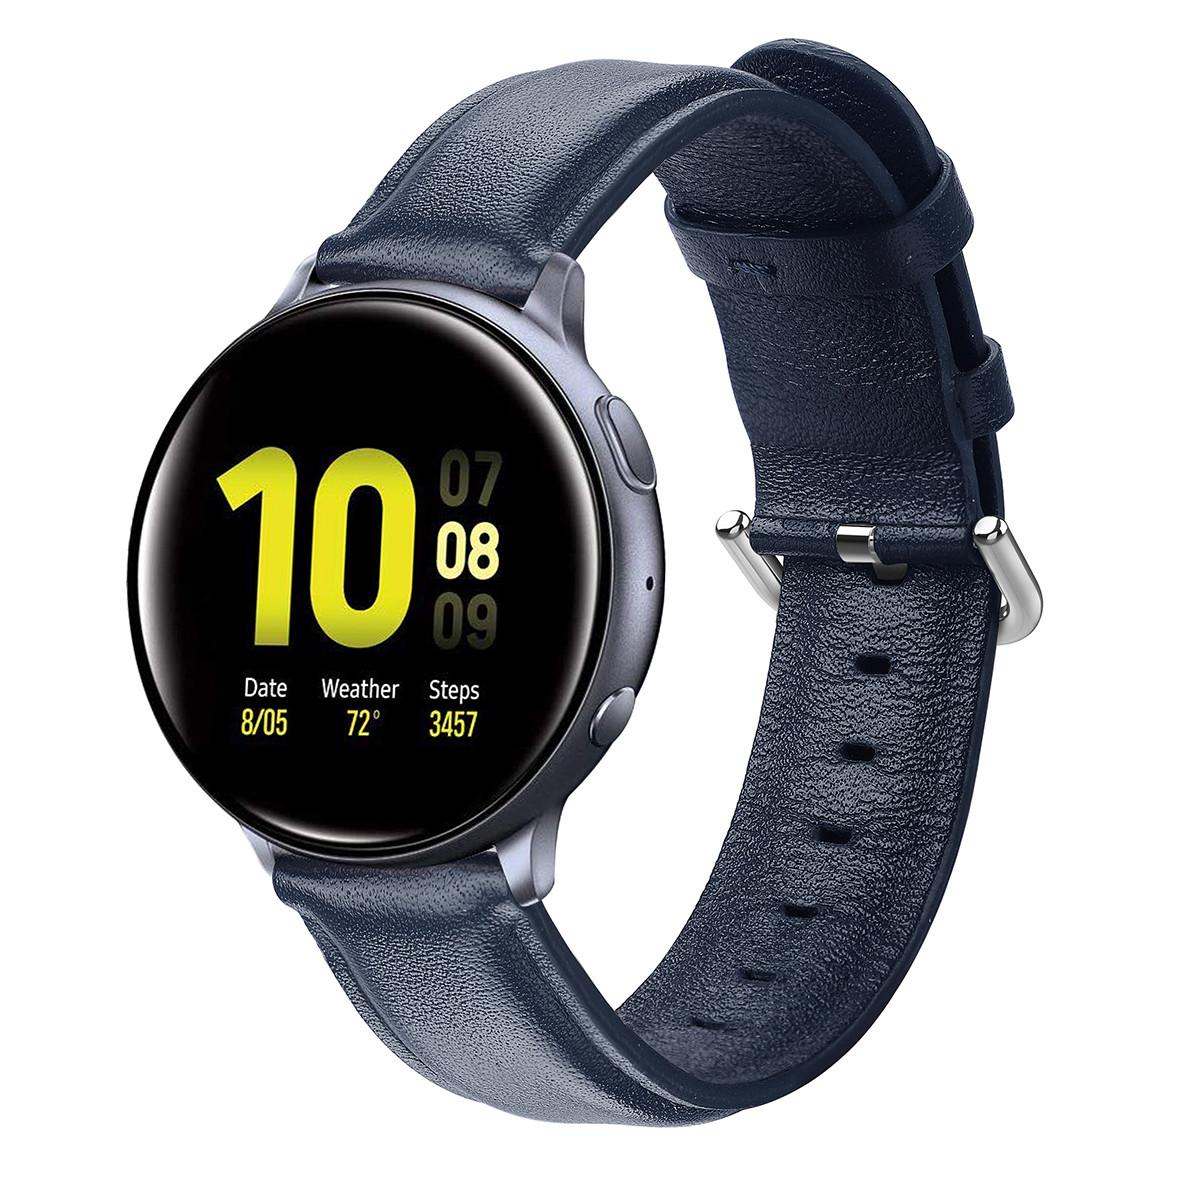 Ремешок для Samsung Active   Active 2   Galaxy watch 42mm кожаный 20мм размер S Темно-Синий BeWatch (1210189)